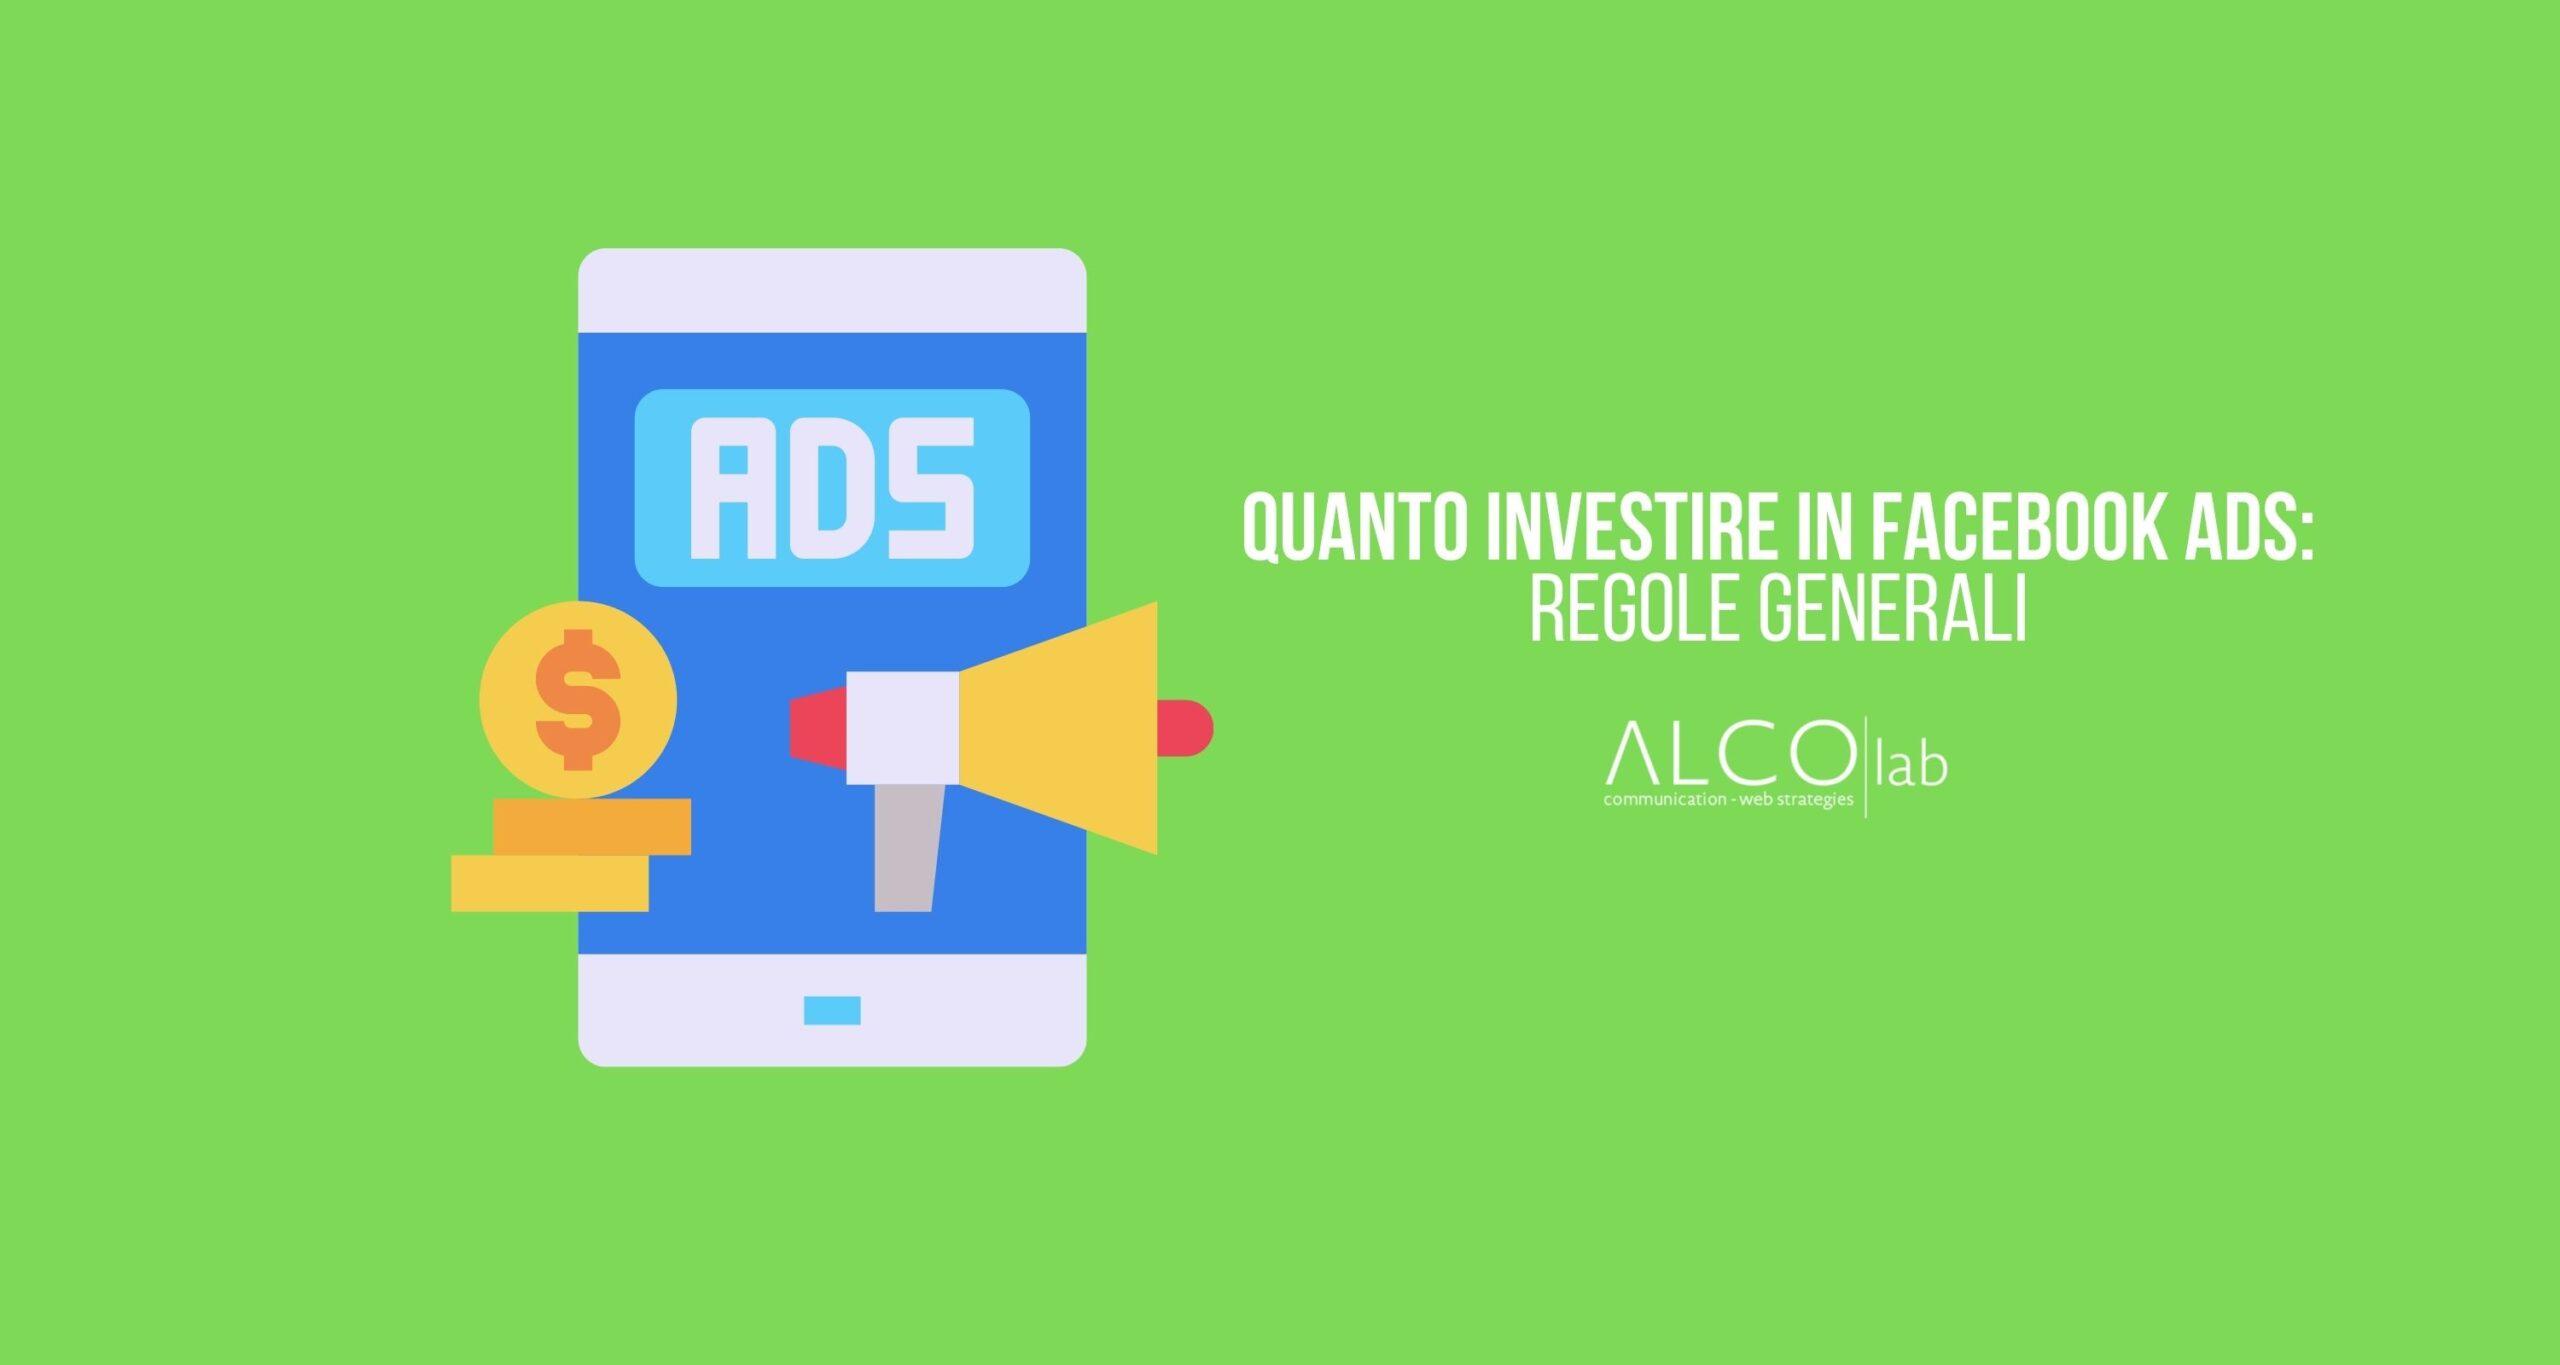 Quanto investire su Facebook ADS